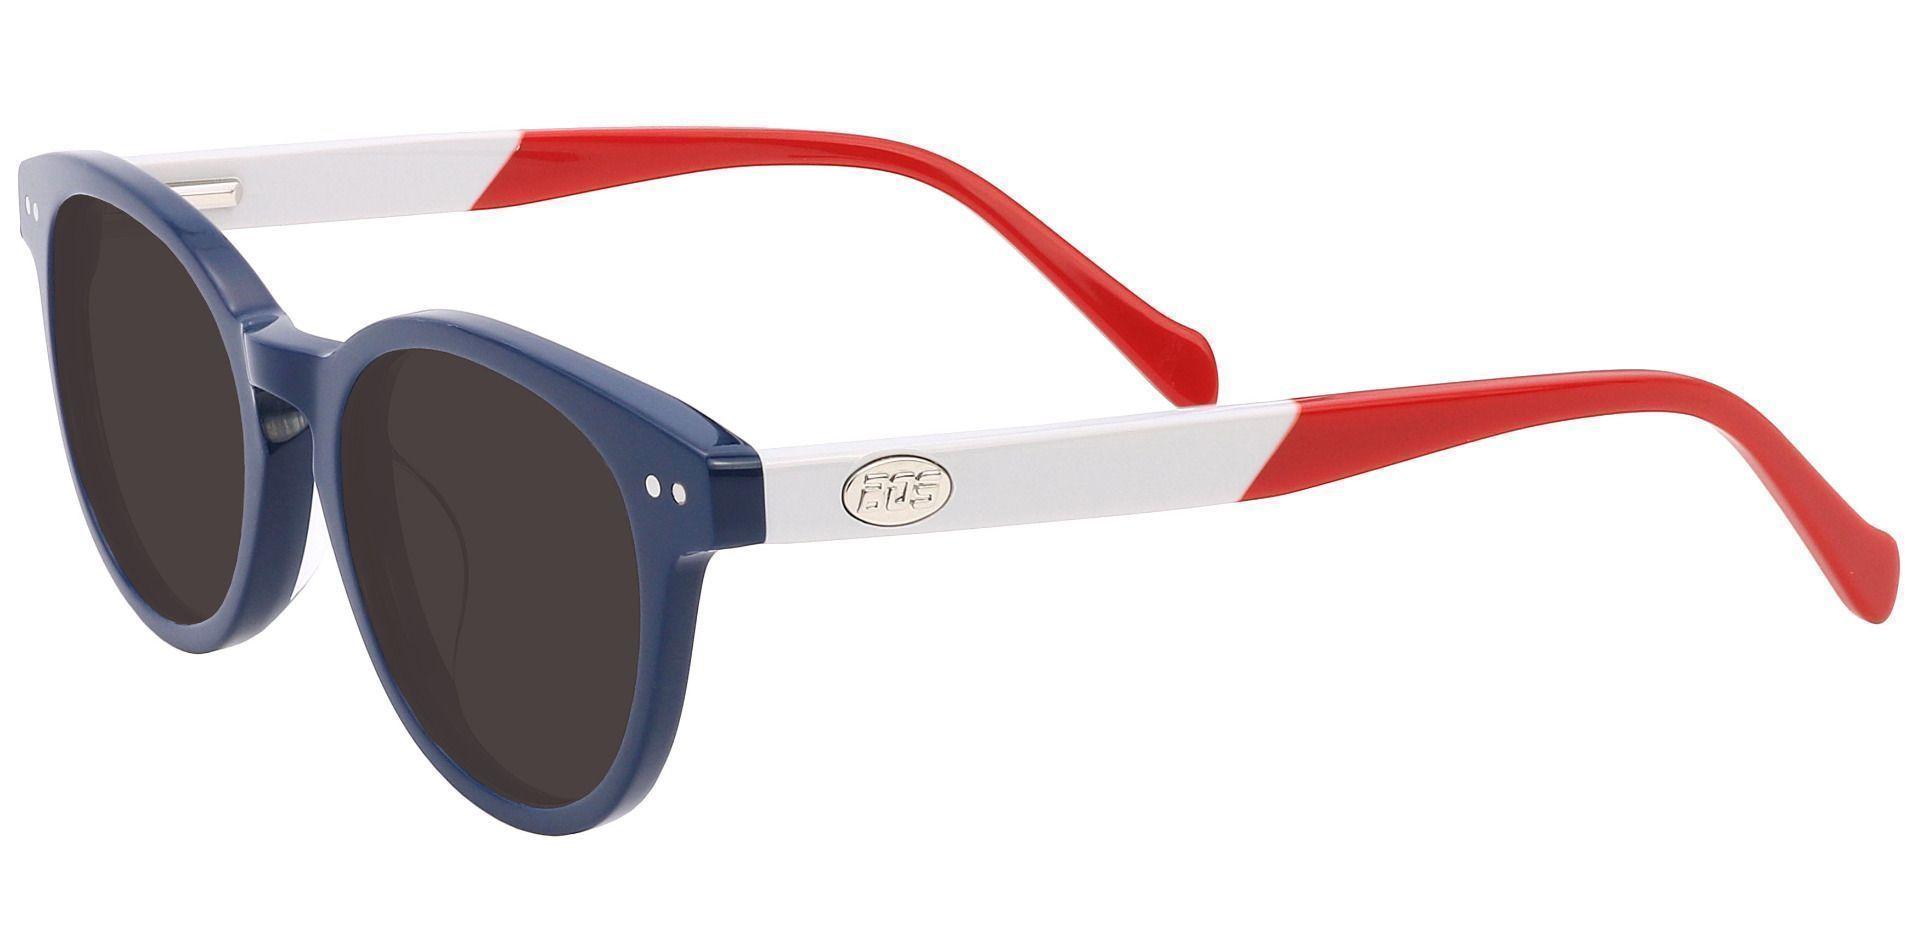 Revere Oval Reading Sunglasses - Blue Frame With Gray Lenses